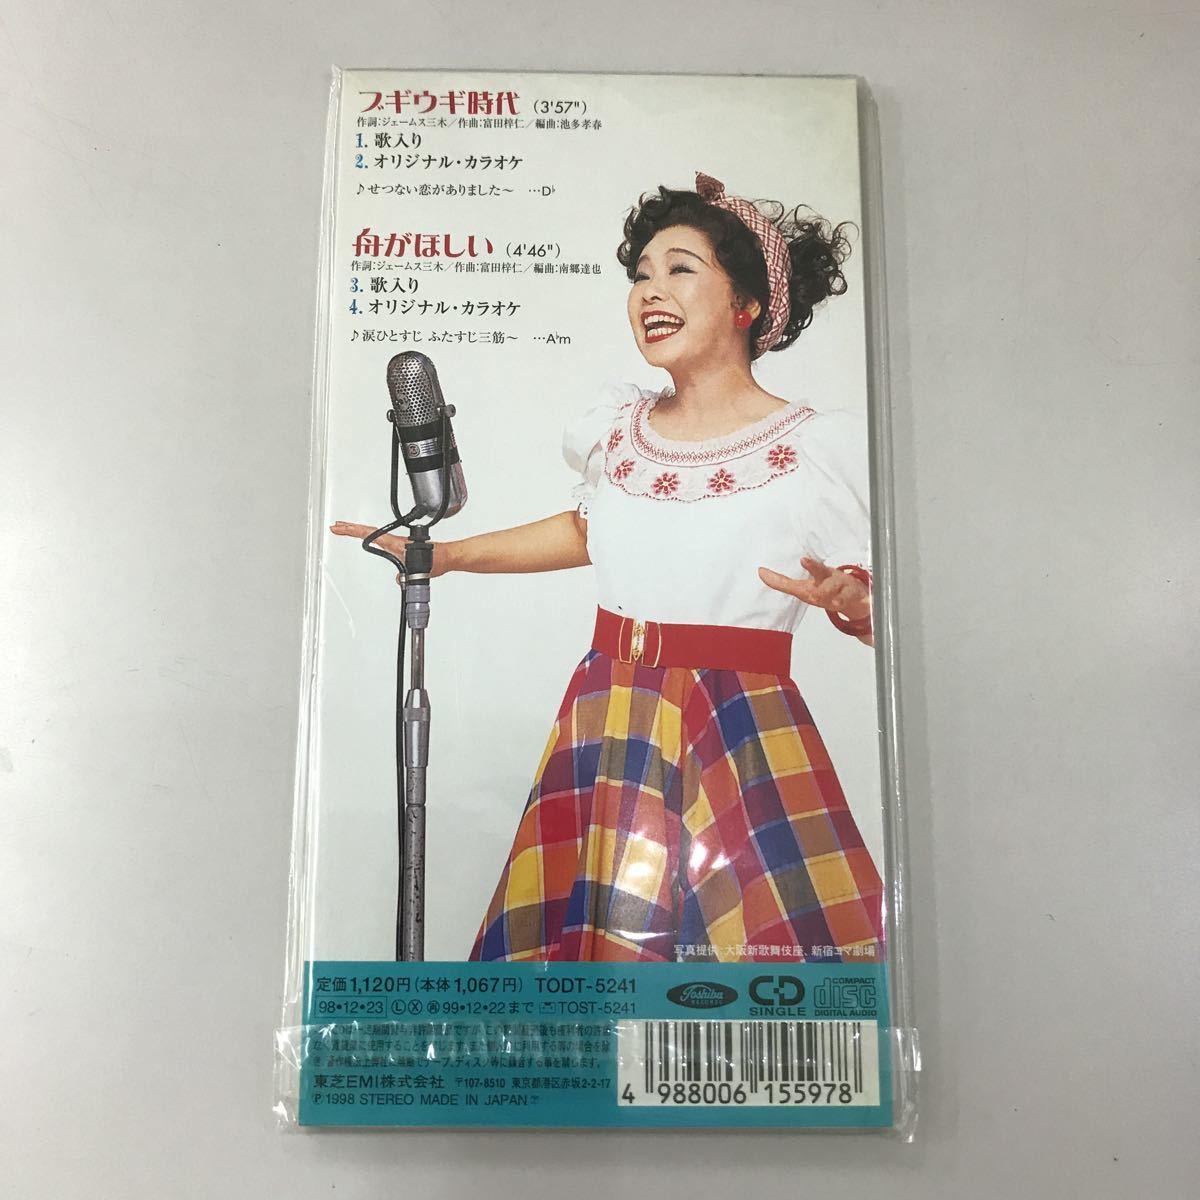 シングルCD 8センチ 未開封【演歌】長期保存品 中村美津子 ブギウギ時代